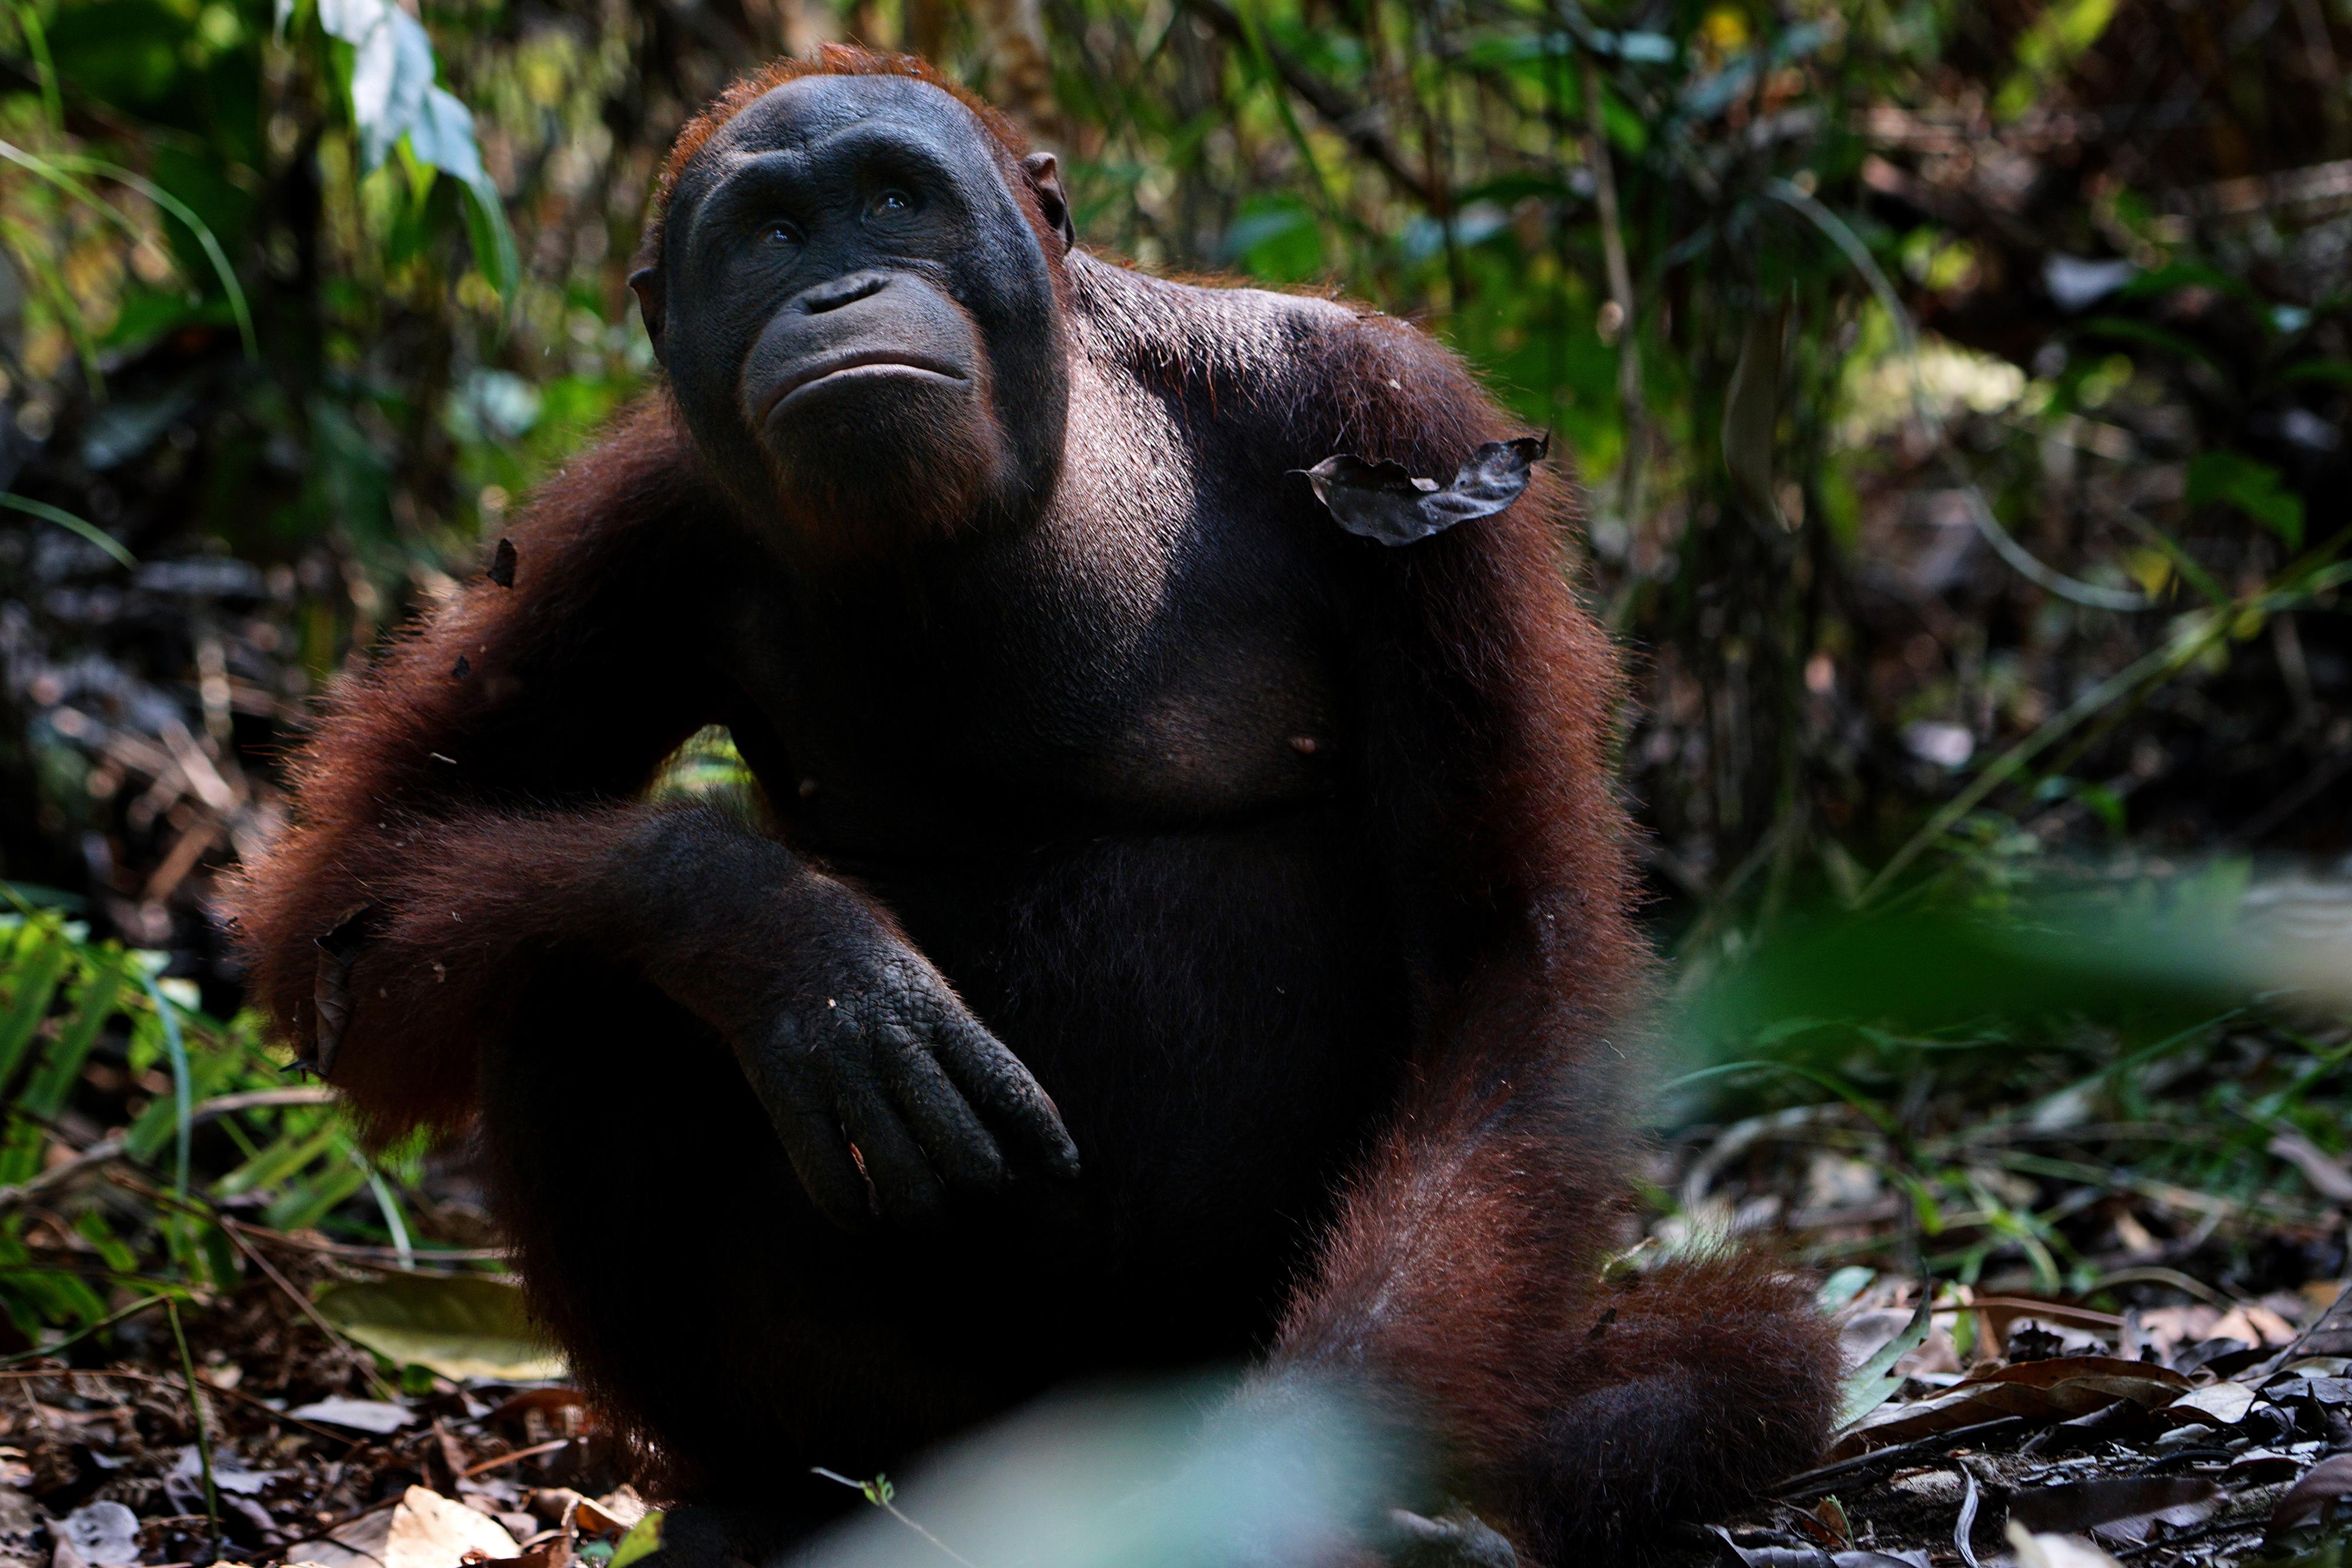 Almost Human: Orangutans in Indonesia